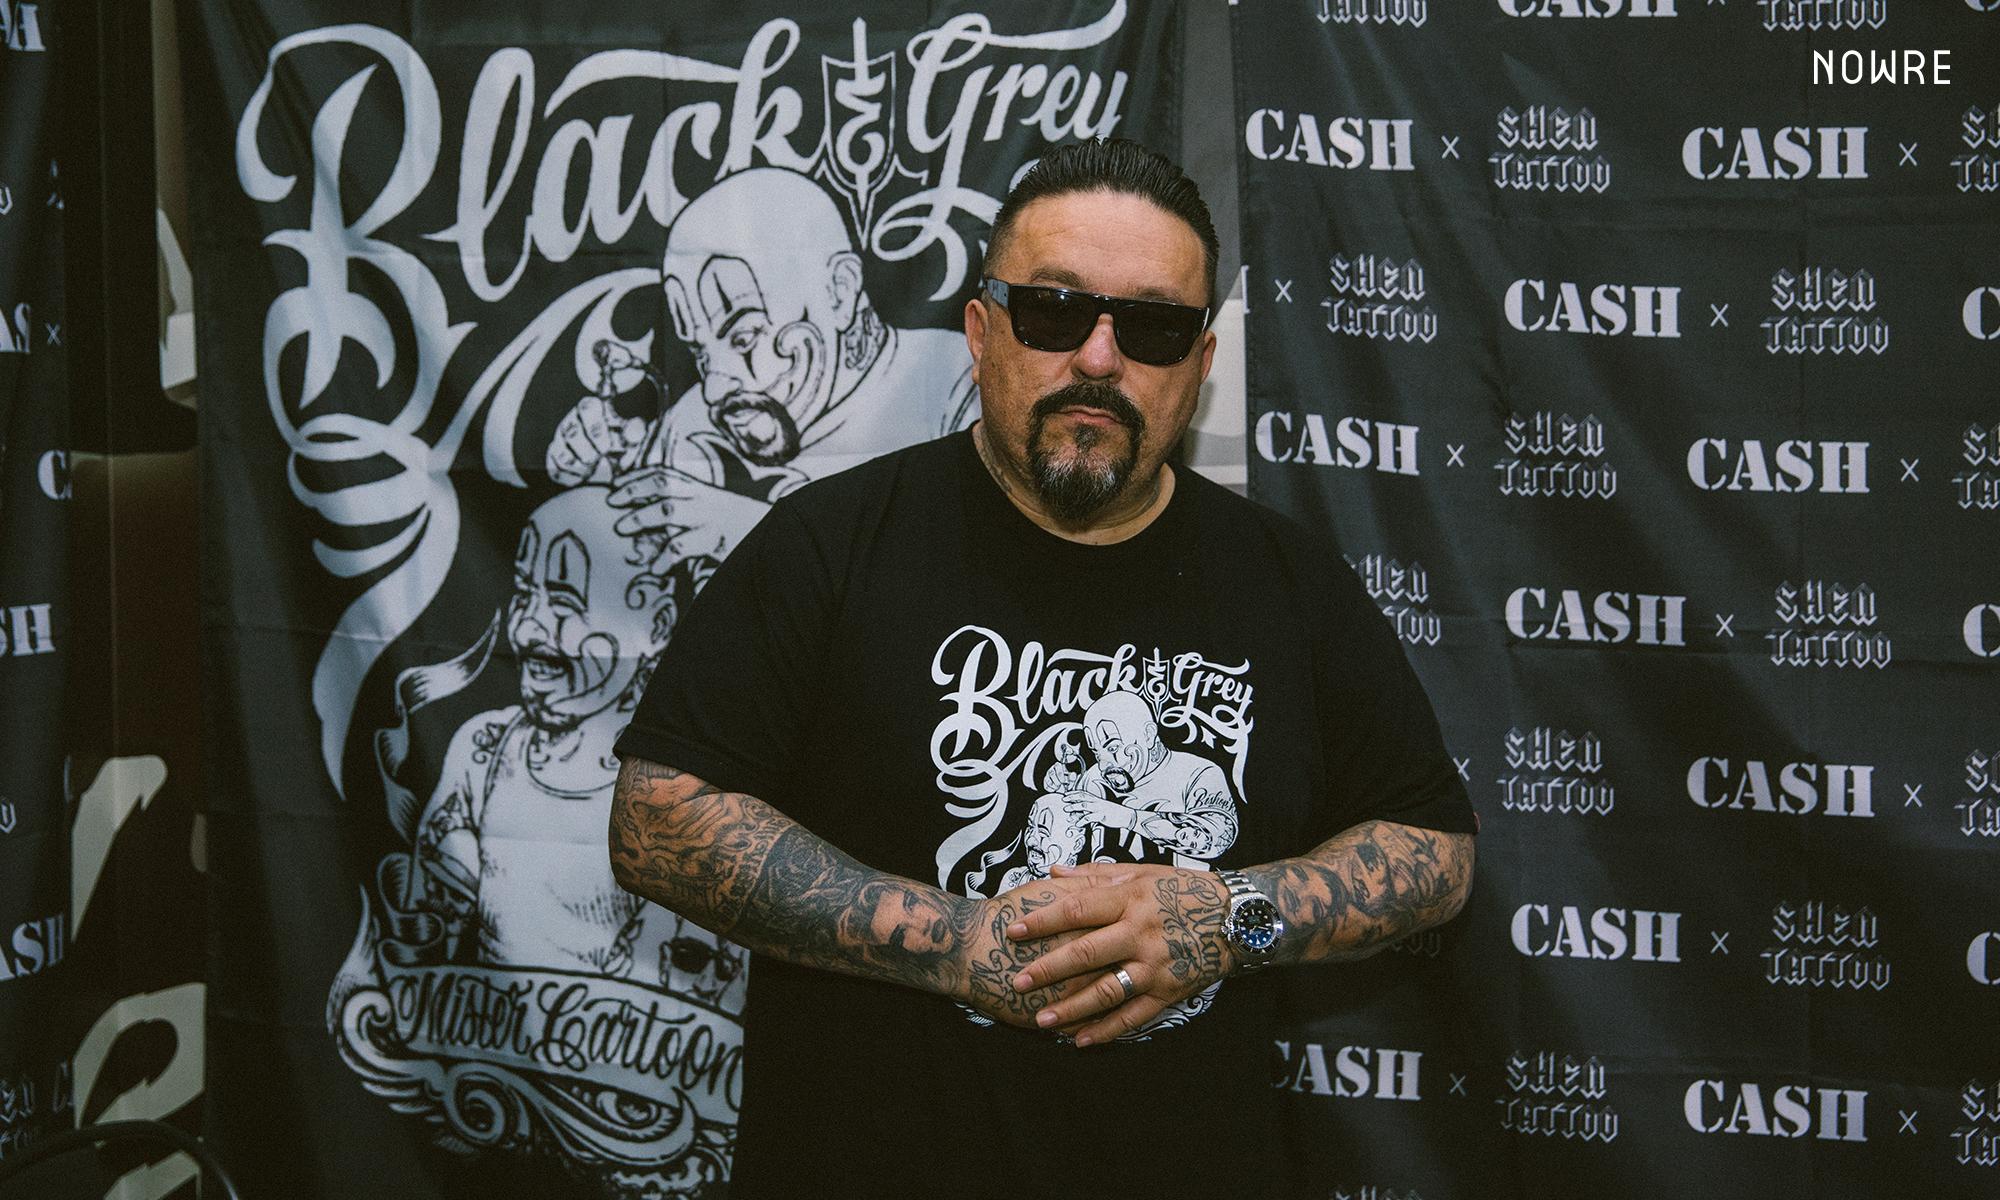 洛杉矶著名纹身艺术家 Mister Cartoon 上海 Pop-up 正在进行中